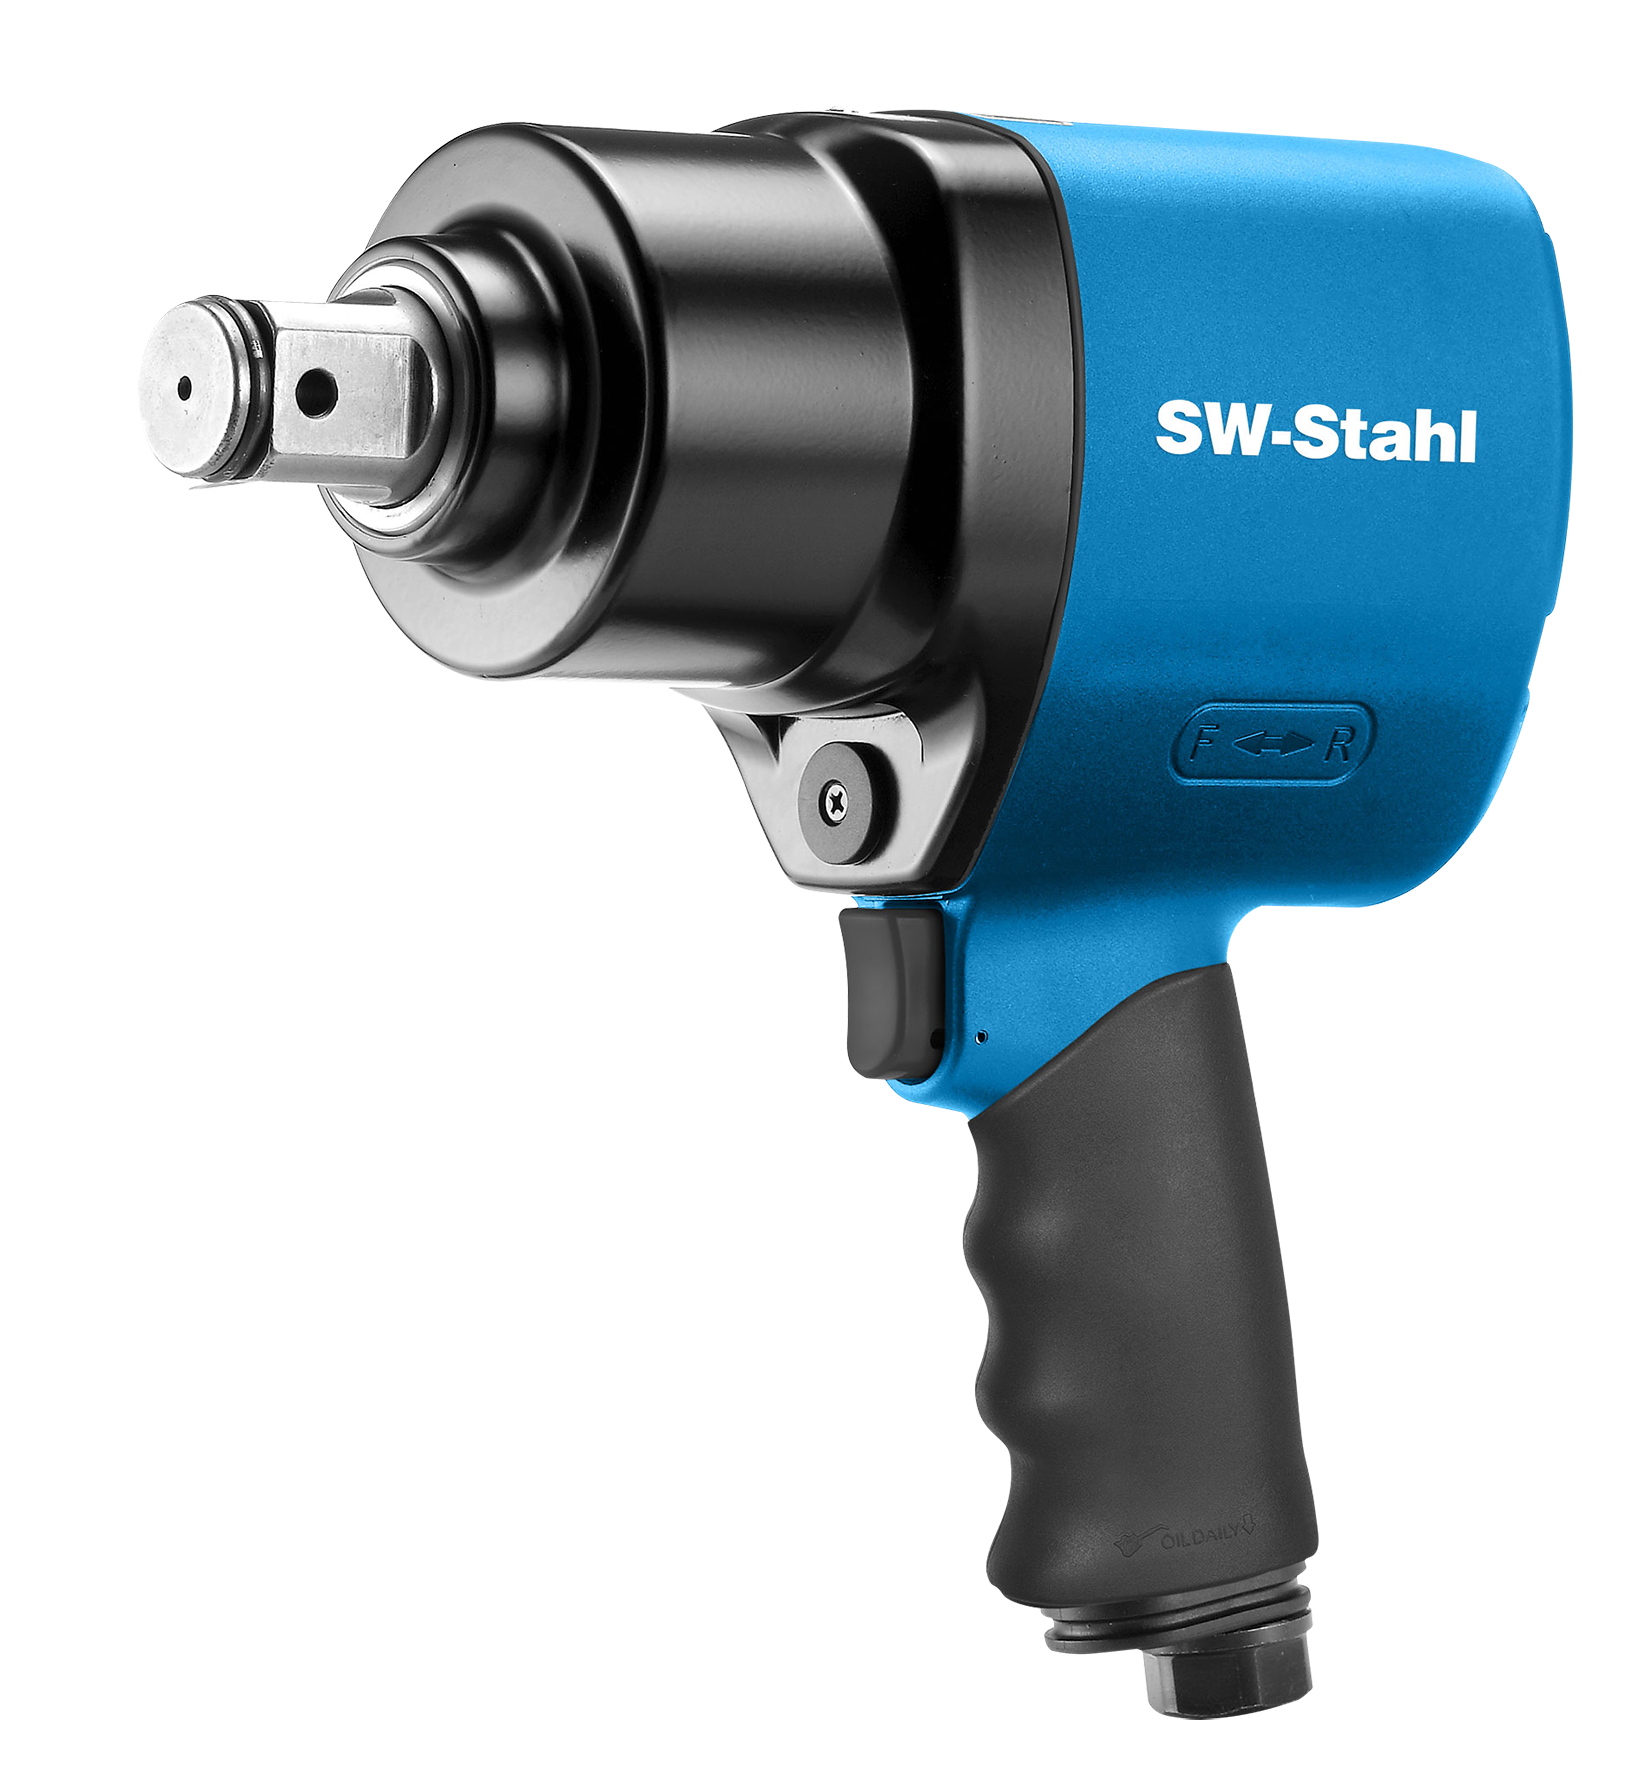 SWSTAHL Druckluft-Schlagschrauber, 25 mm (1 Zoll) - 3.200 Nm S3278